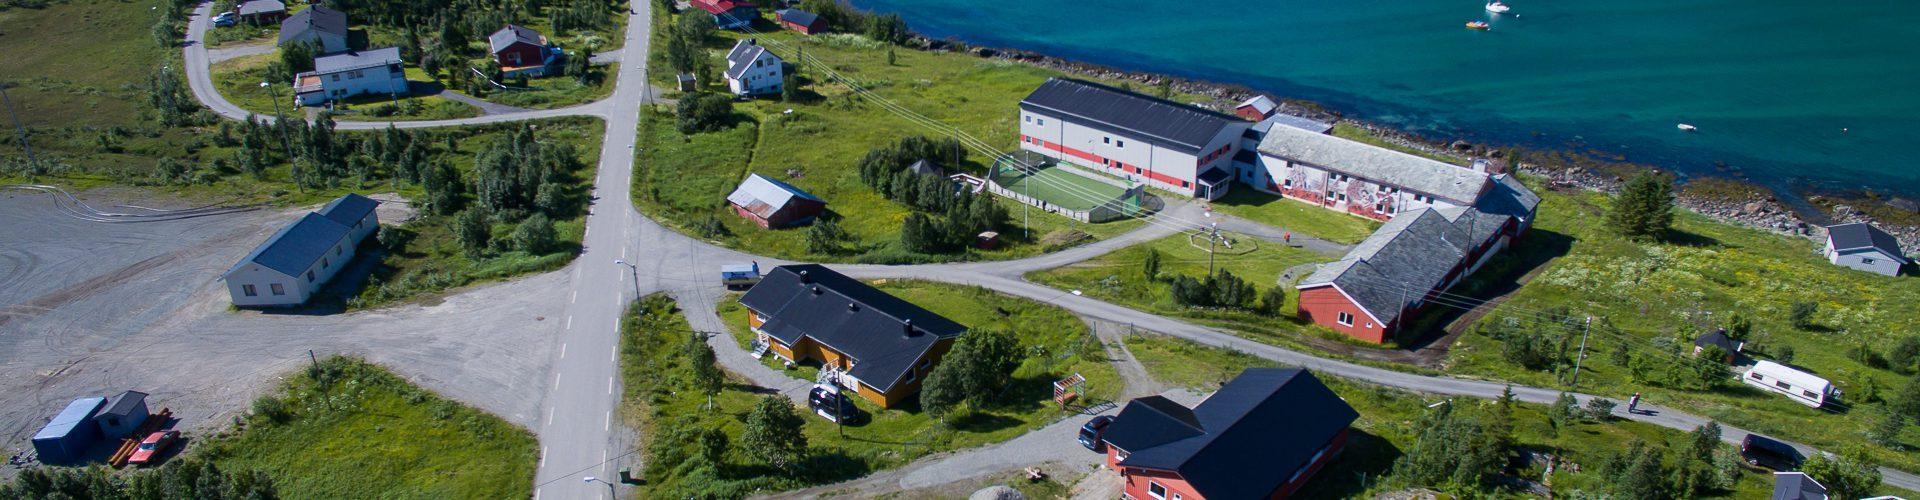 Dronefoto: Frank Rune Isaksen, frikant.no